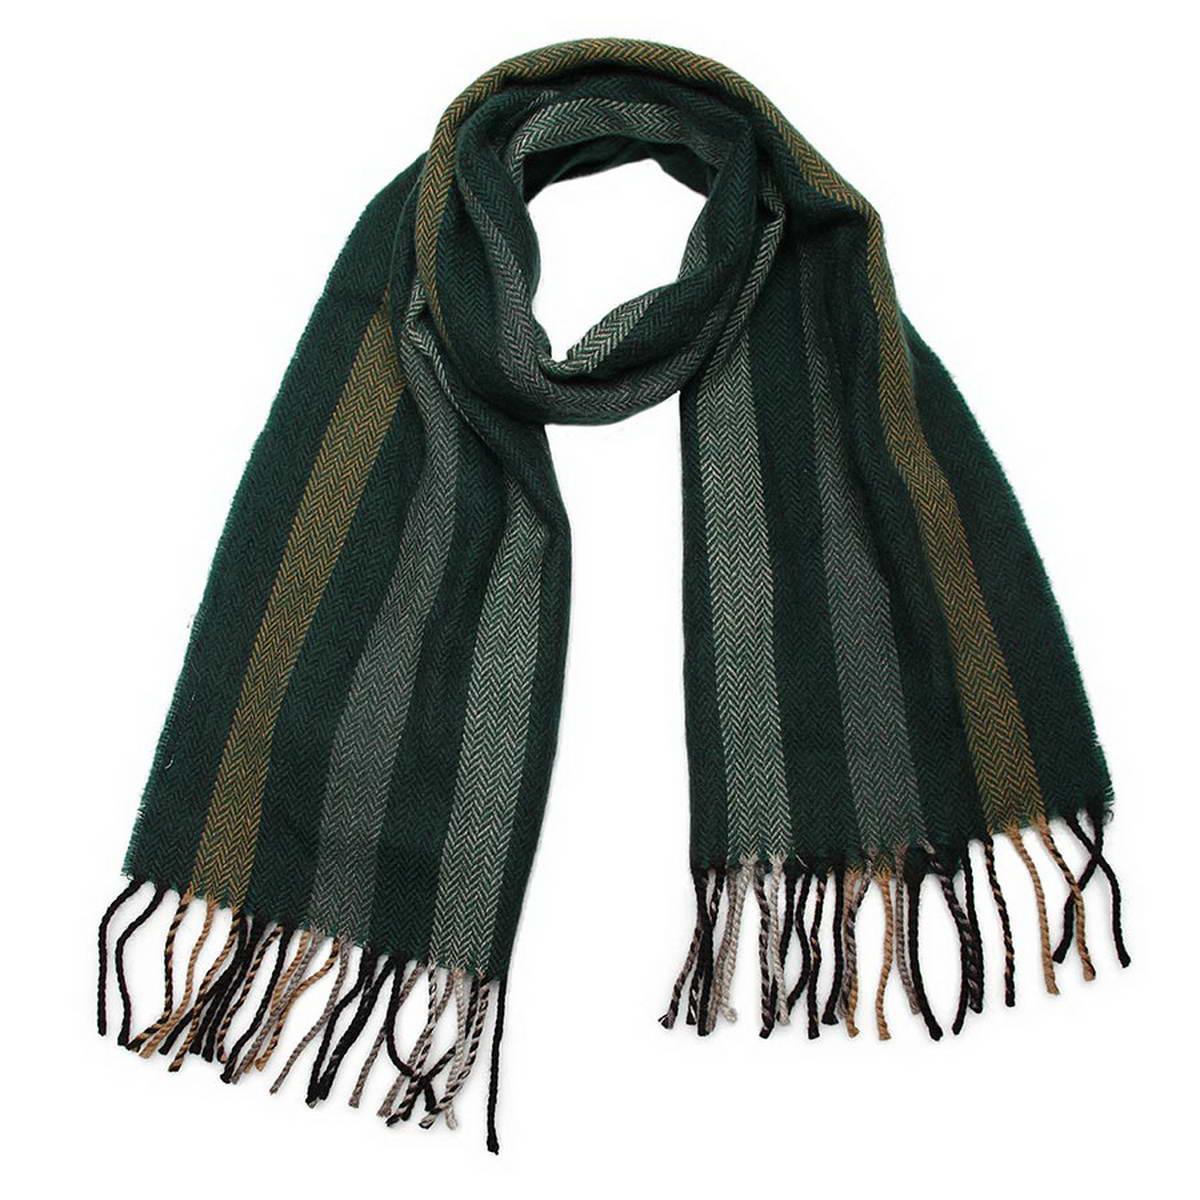 Шарф мужской. 5001432-175001432-17Классический мужской шарф из 100% шерсти с ненавязчивым рисунком в полоску.Достойный аксессуар для мужчины любого возраста.